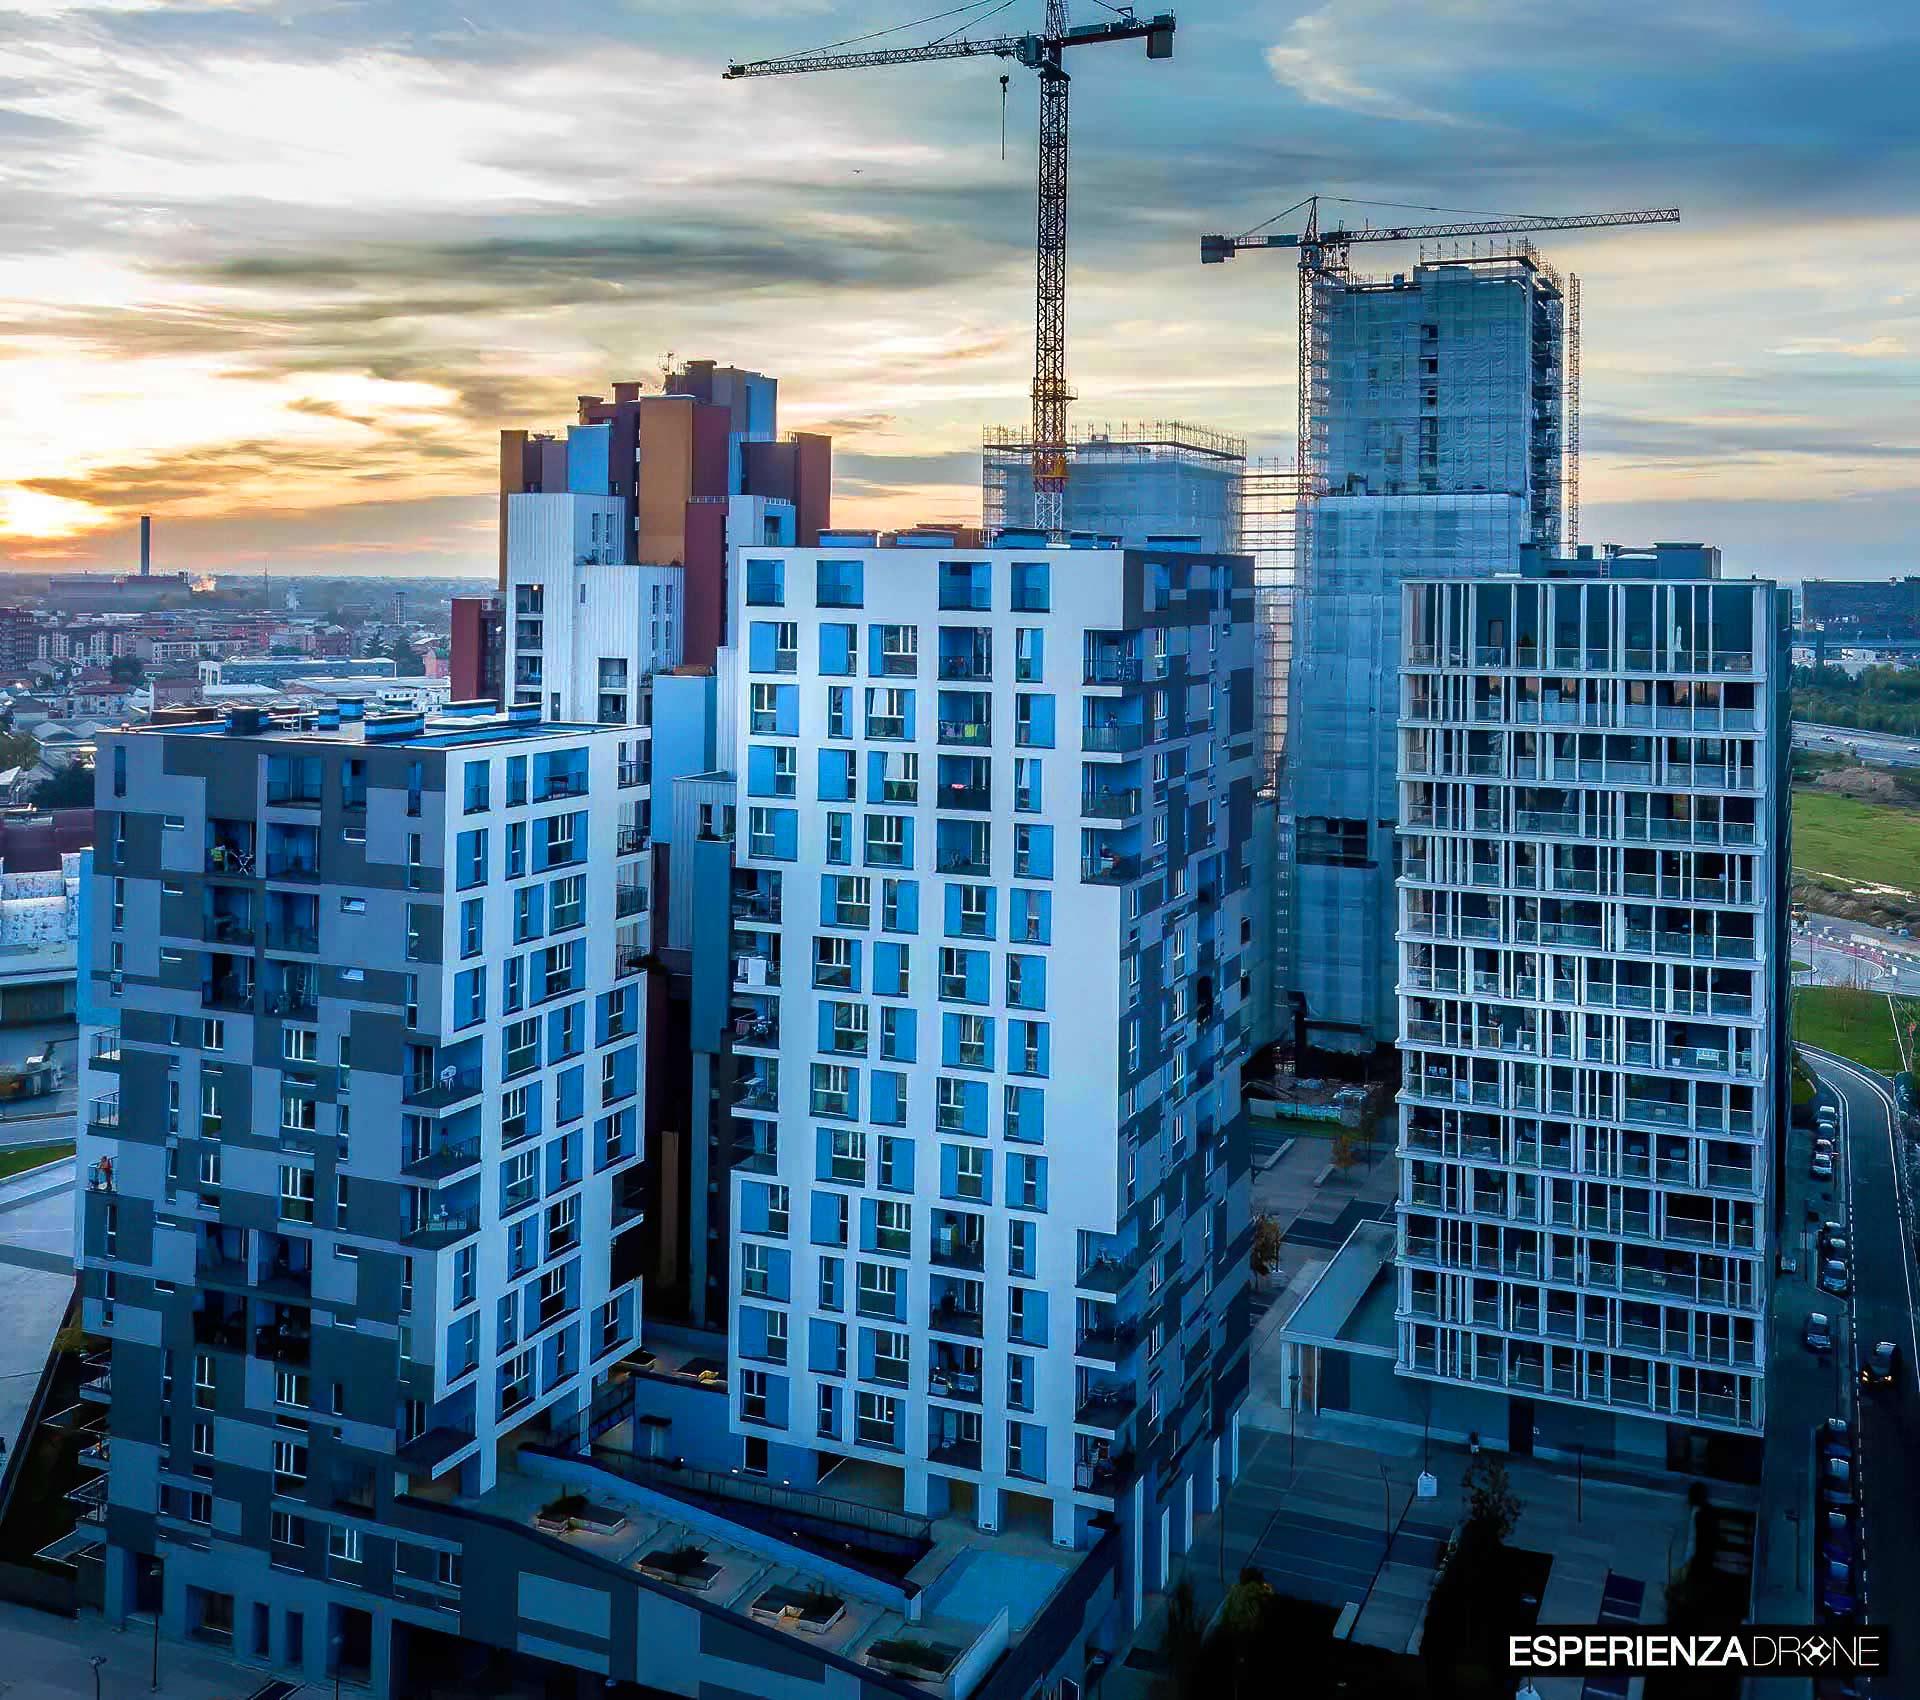 esperienza drone immagine aerea portfolio architettura laterale tramonto luci artificiali cascina merlata milano.jpg